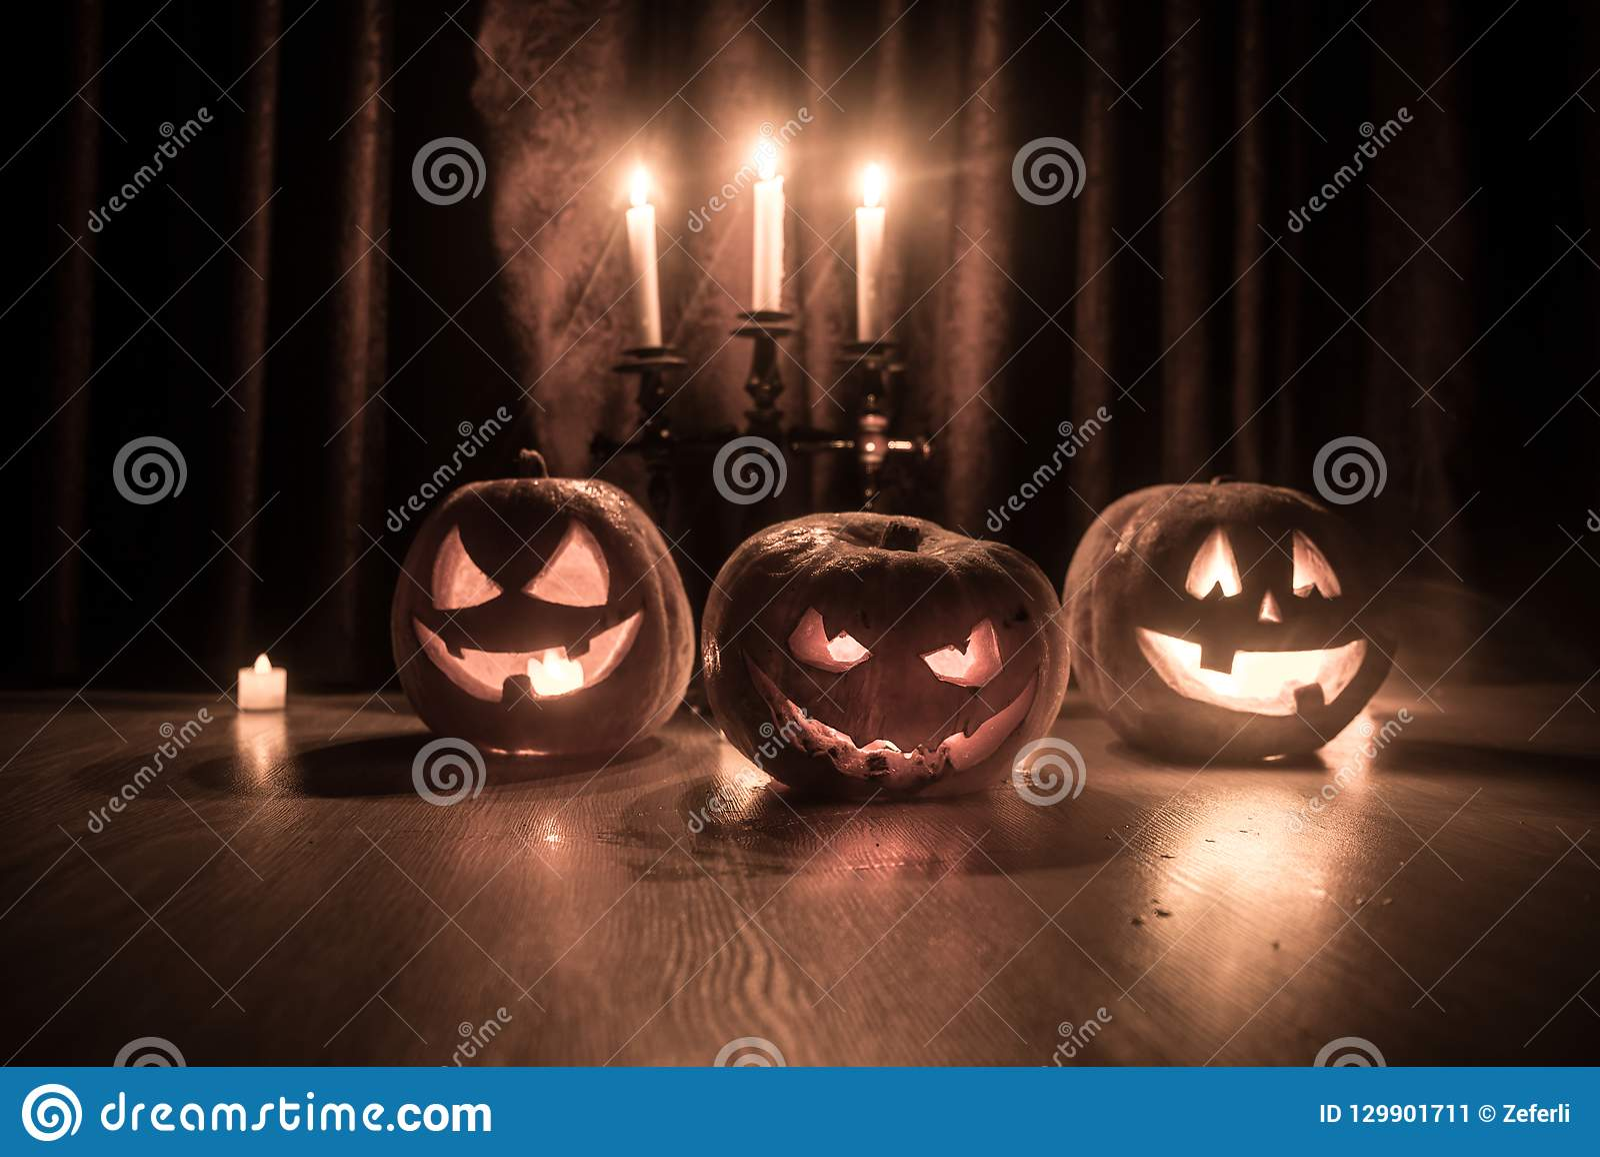 Halloweenowy bani głowy dźwigarki o lampion z rozjarzonymi świeczkami na tle Banie na drewnianej podłoga